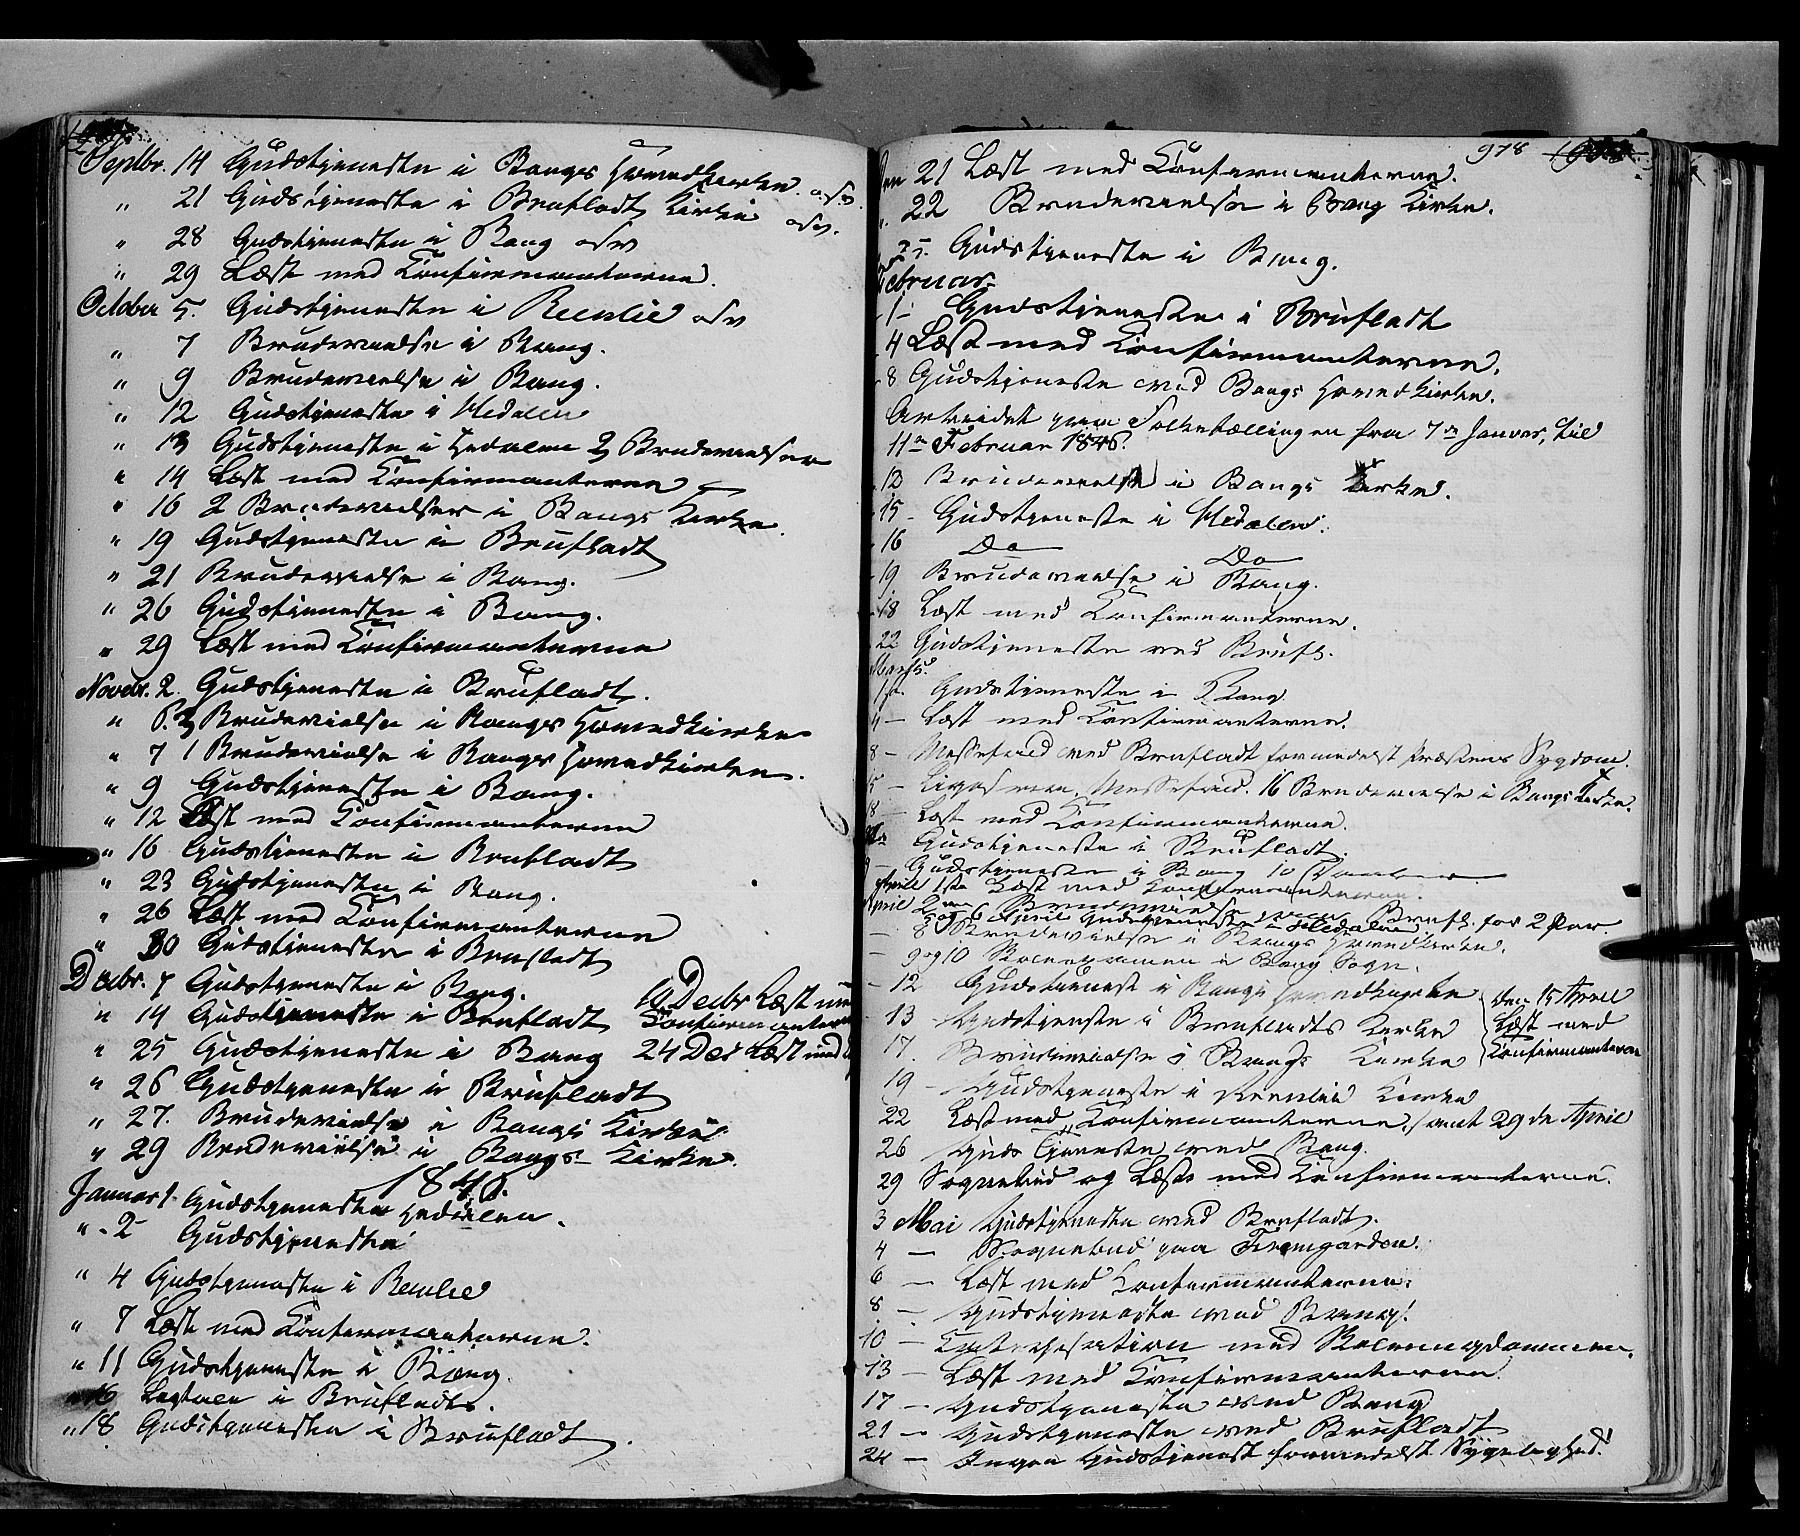 SAH, Sør-Aurdal prestekontor, Ministerialbok nr. 4, 1841-1849, s. 977-978